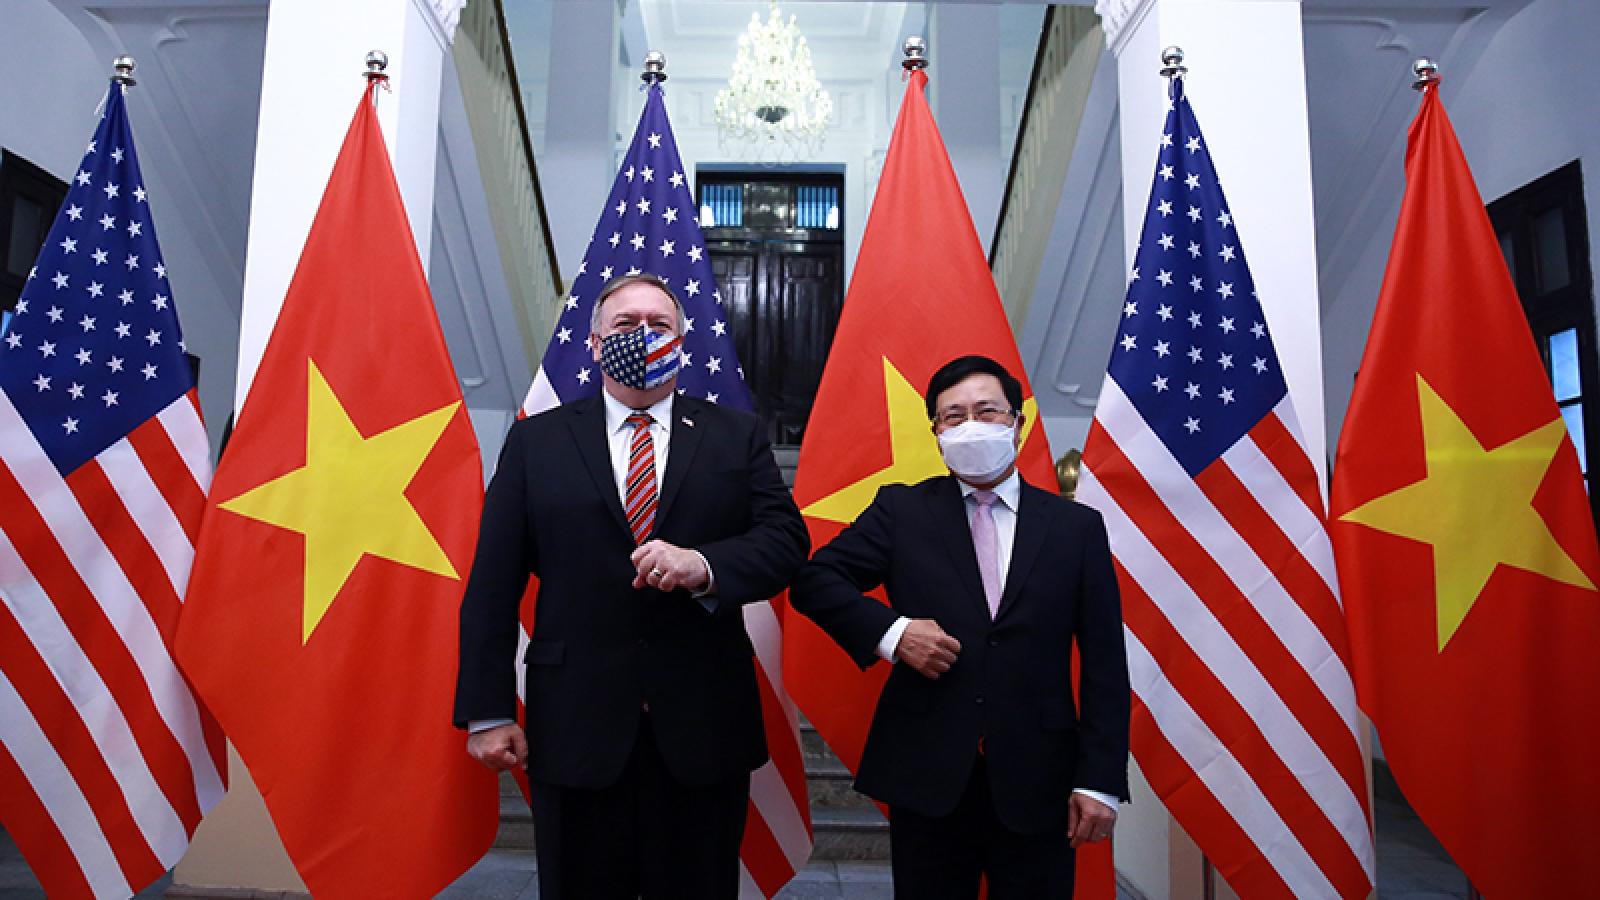 Hoa Kỳ đánh giá cao Việt Nam có các biện pháp hướng tới quan hệ thương mại hài hòa